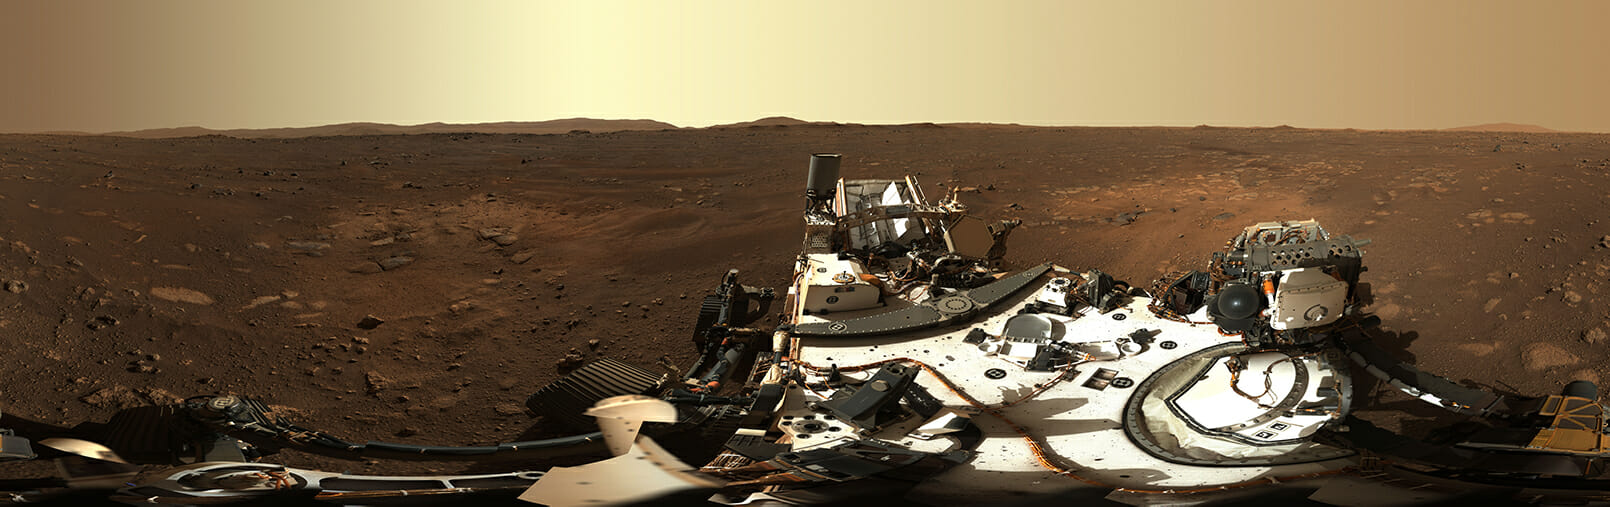 Image du sol Marsien prise par les caméras de navigation du Perseverance Rover